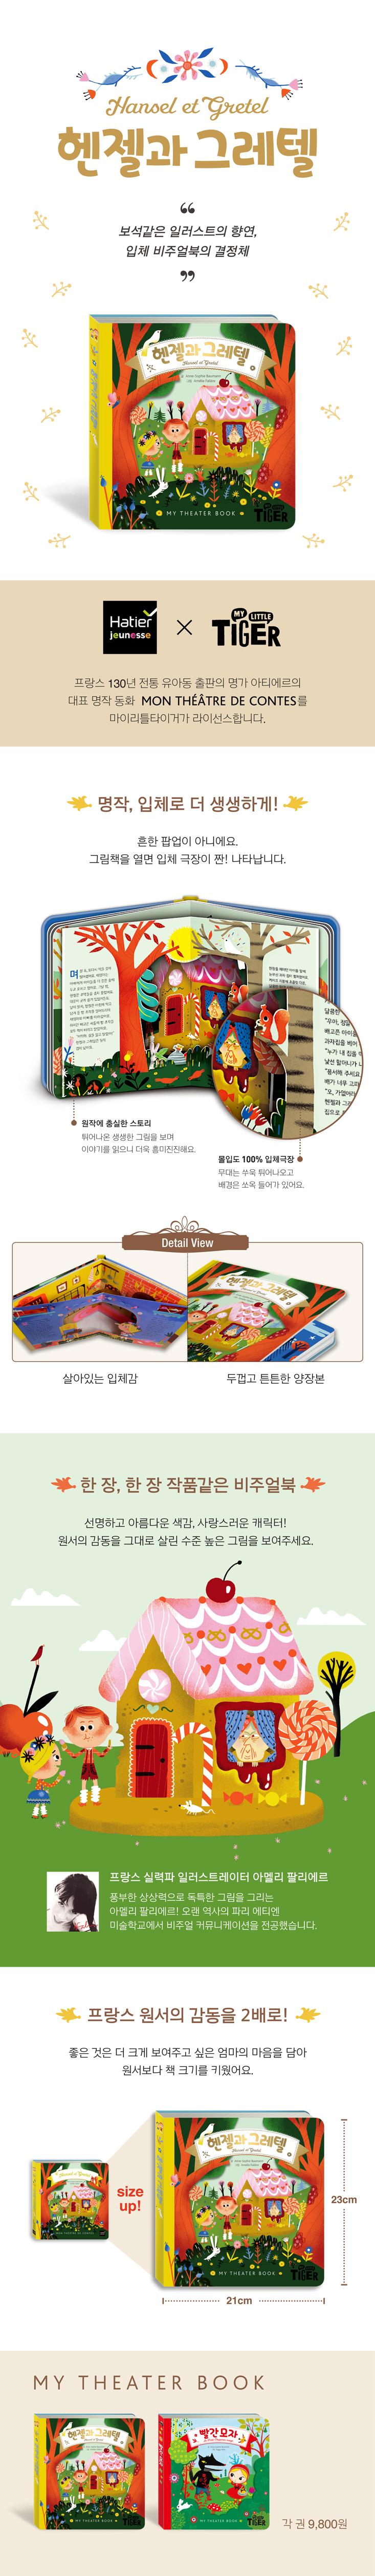 삼성출판사 [My Theater Book] 빨간모자/헨젤과 그레텔